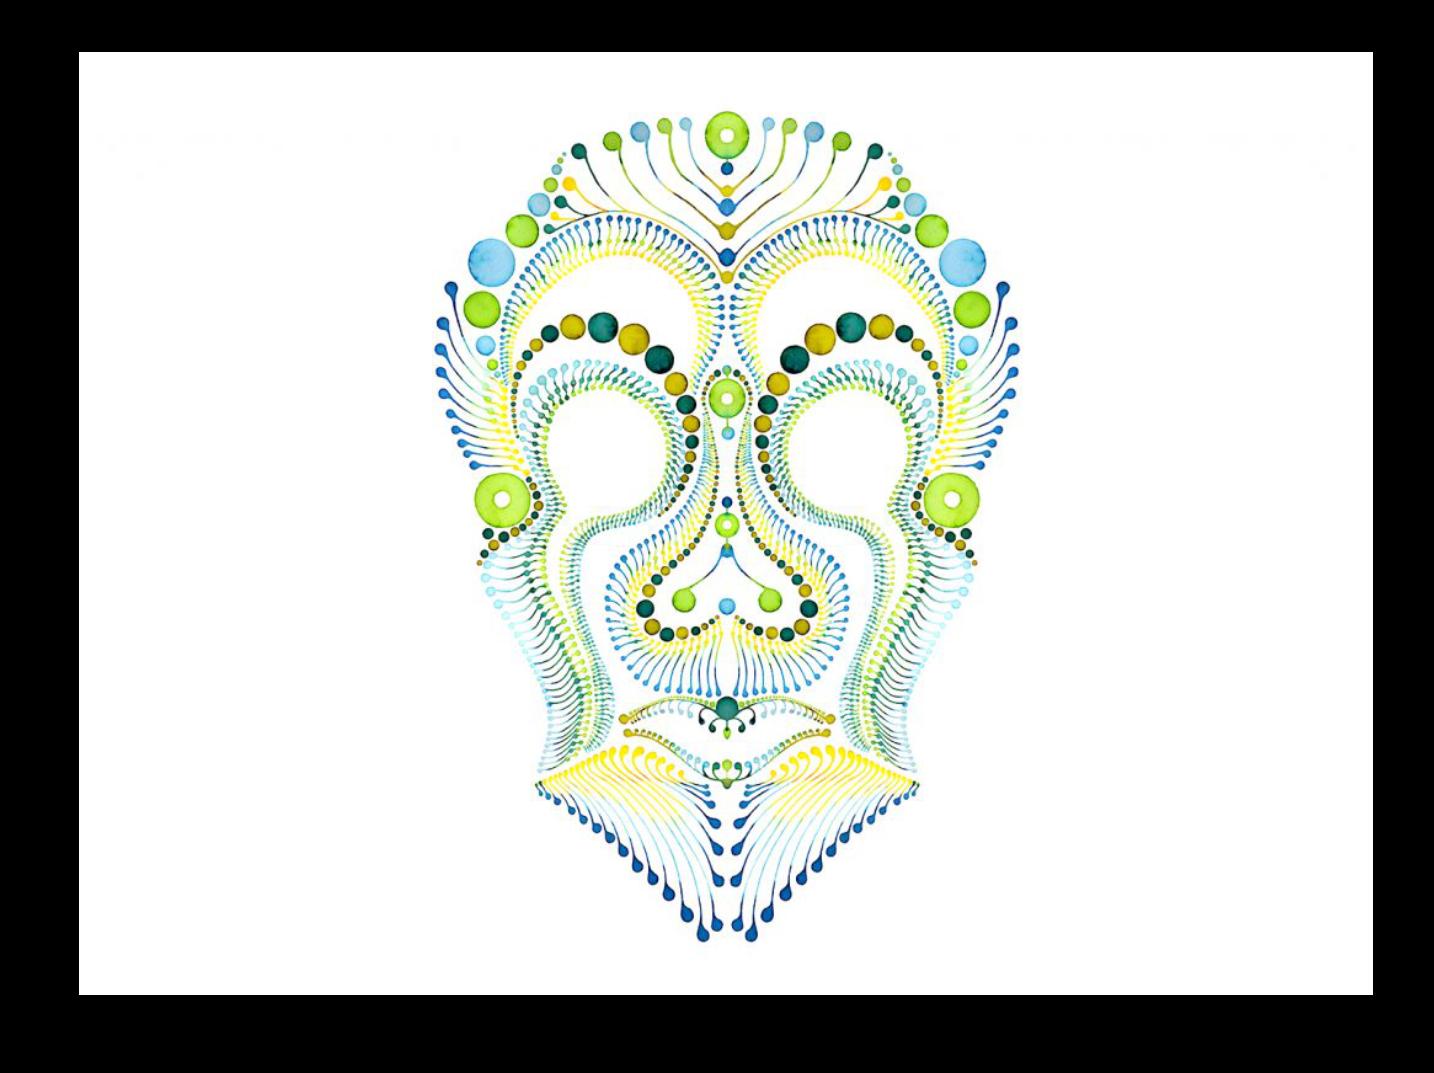 Dotting Art Skull Illustration